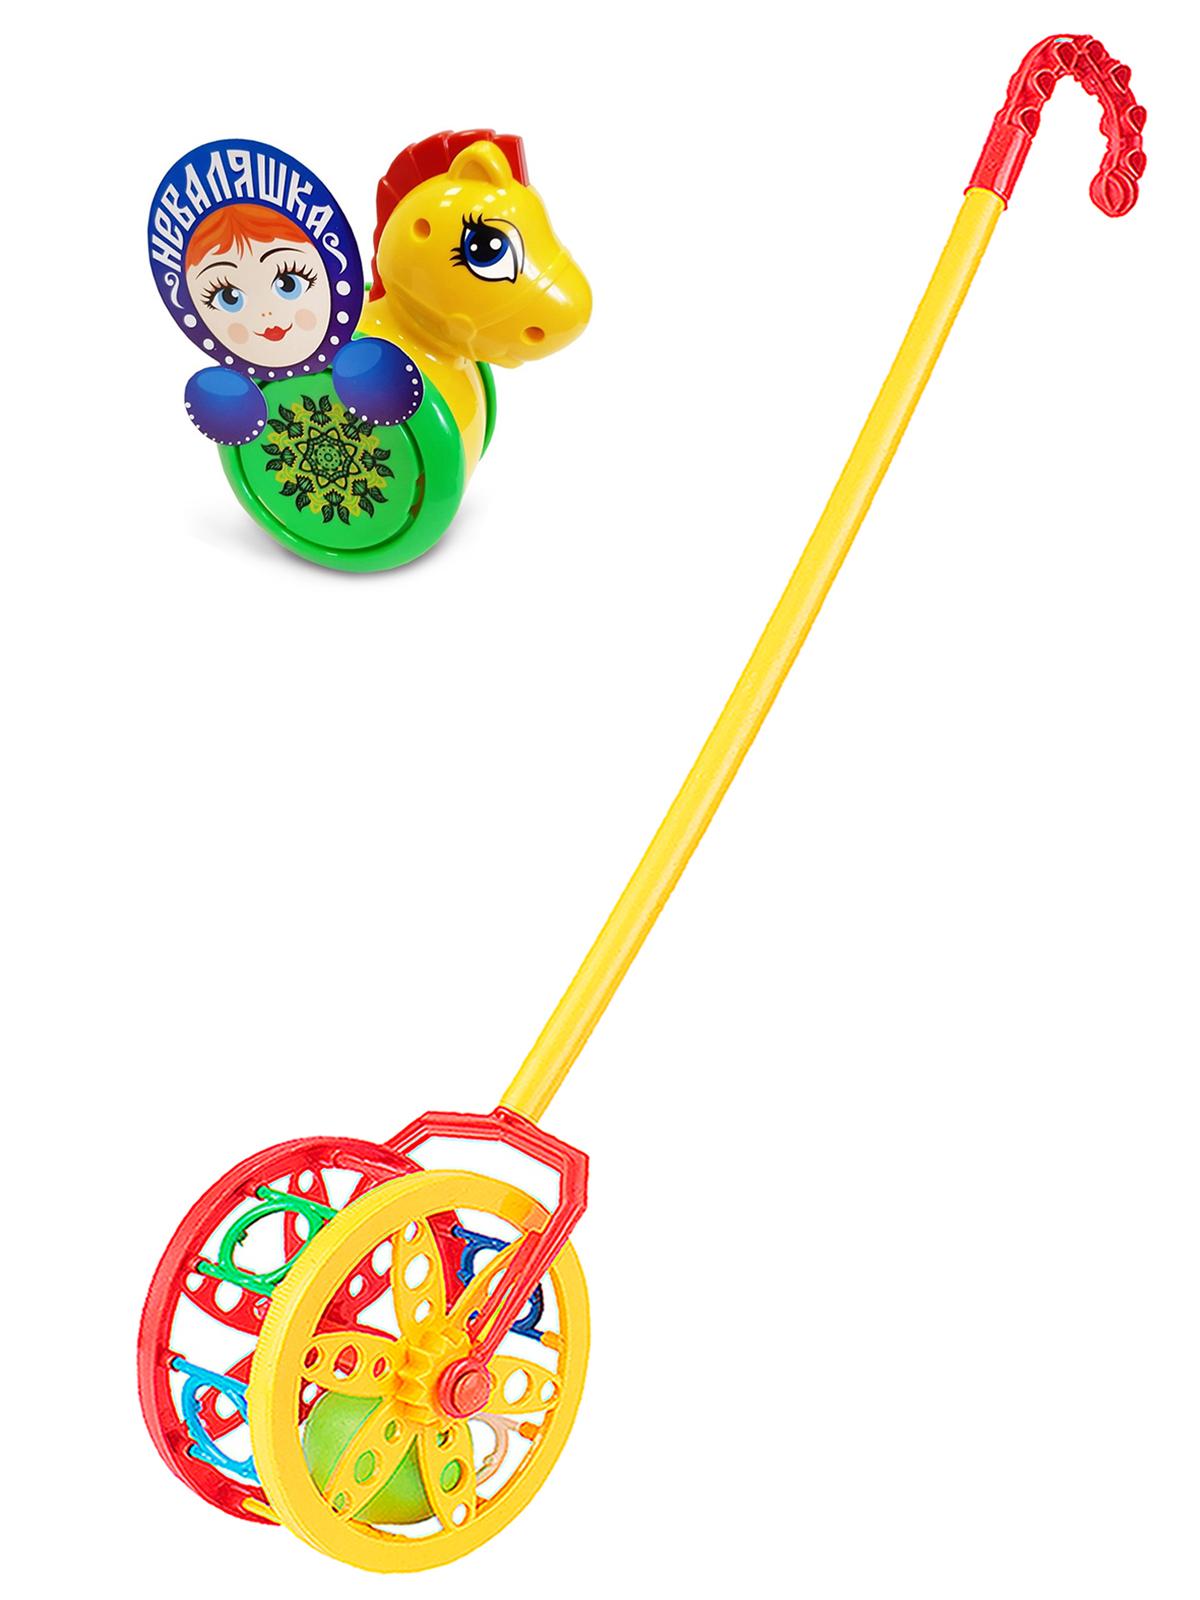 Купить Развивающие игрушки Биплант Каталка-неваляшка Конь №1+ Каталка Колесо,